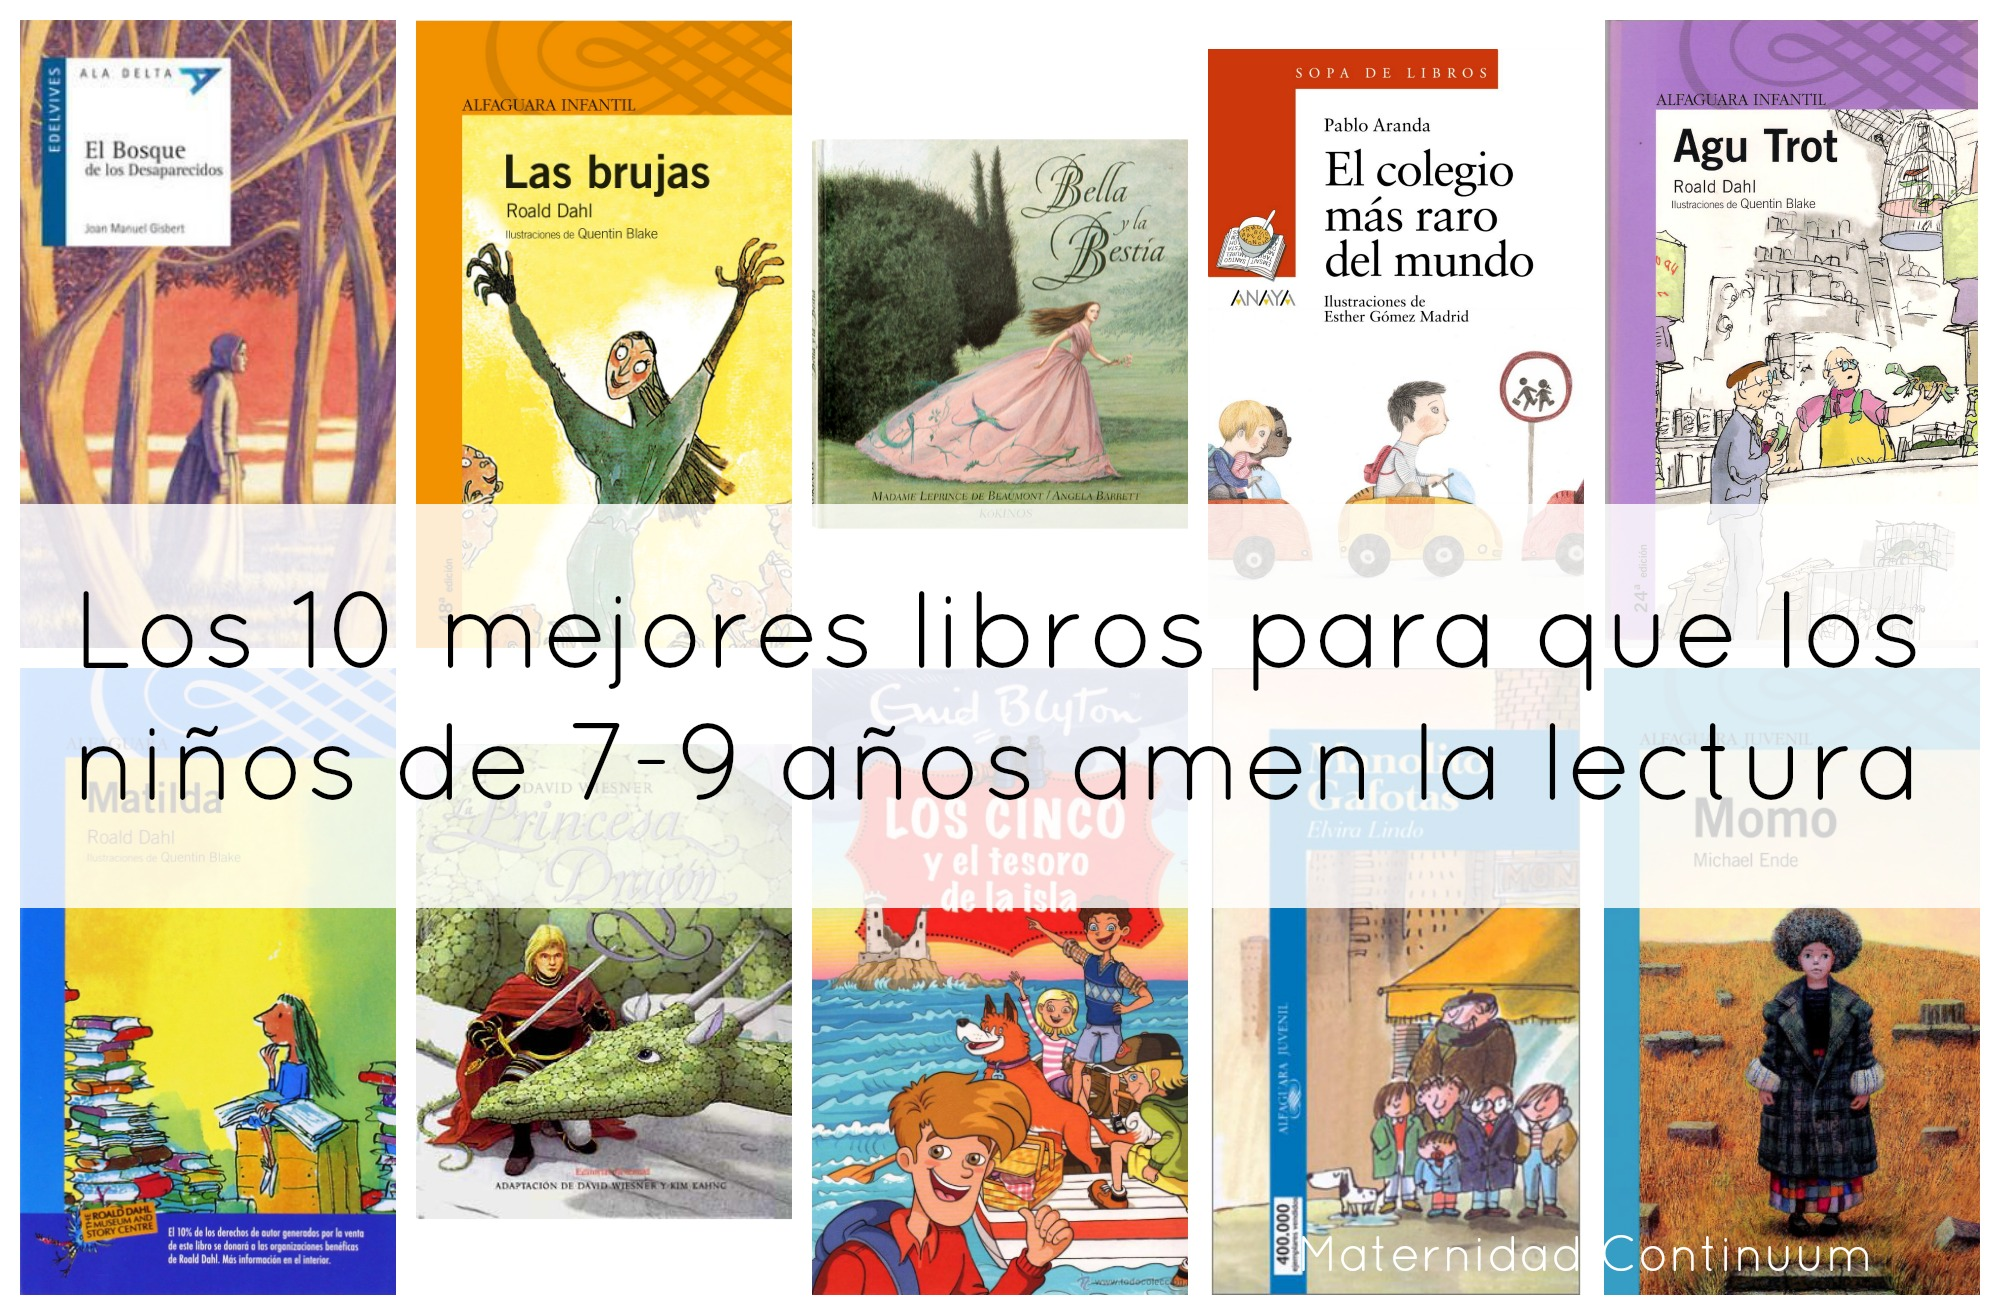 Los 10 1 Mejores Libros Para Que Los Niños De 7 9 Años Amen La Lectura Maternidad Continuum